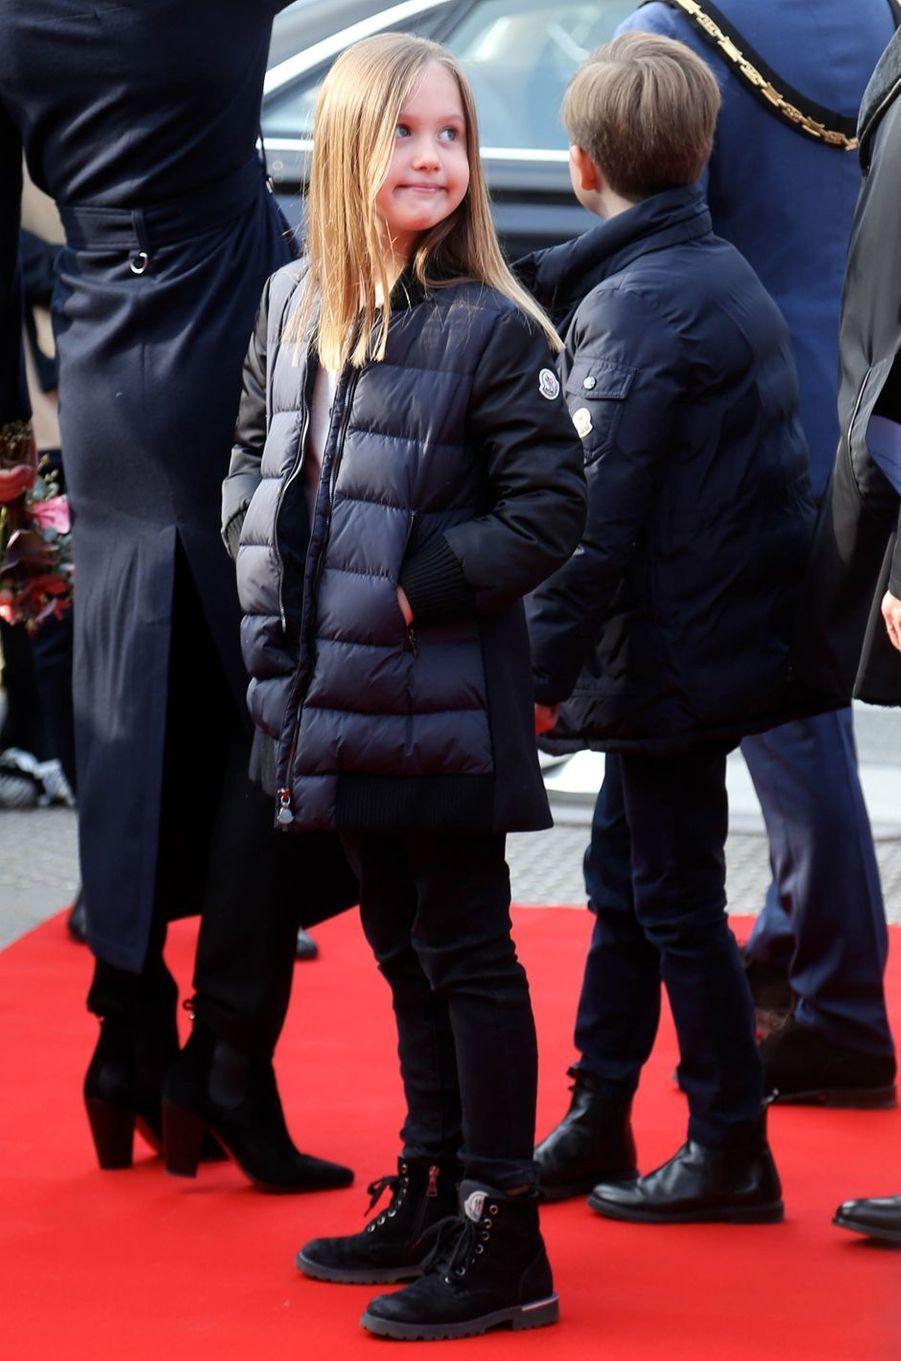 La princesse Josephine et le prince Vincent de Danemark, à Copenhague le 11 avril 2019